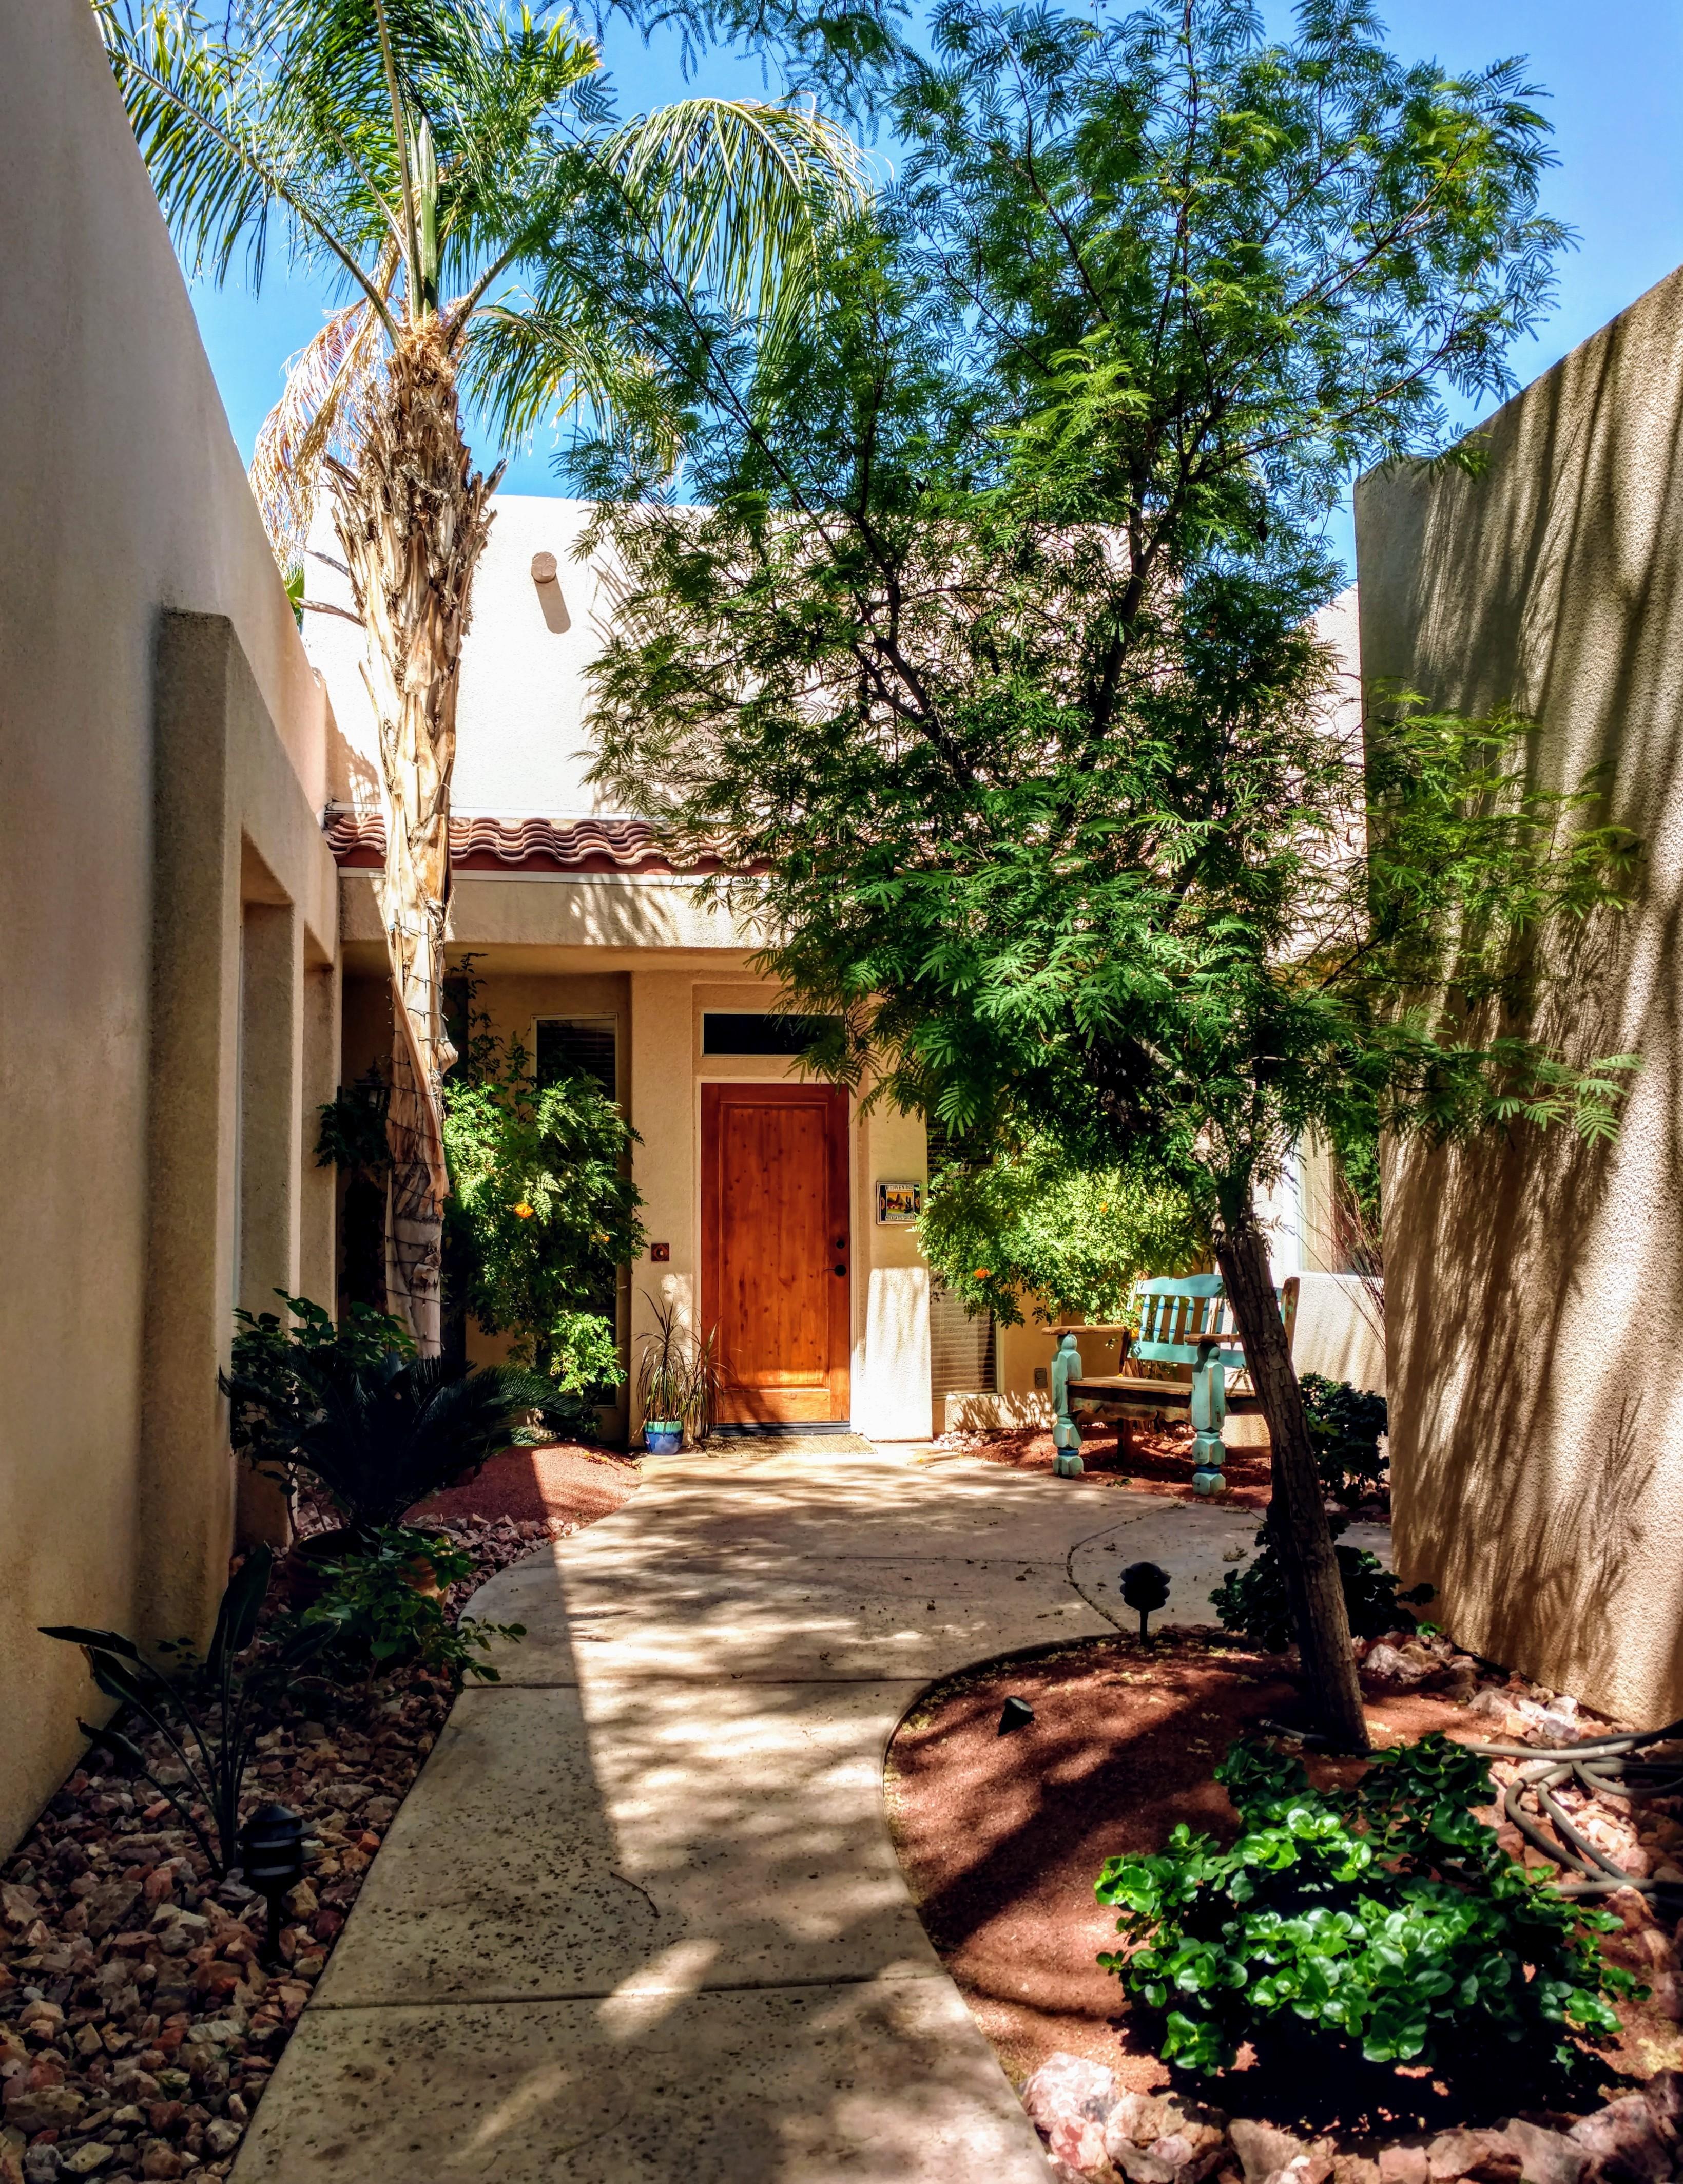 california desert southwest adobe home exchange